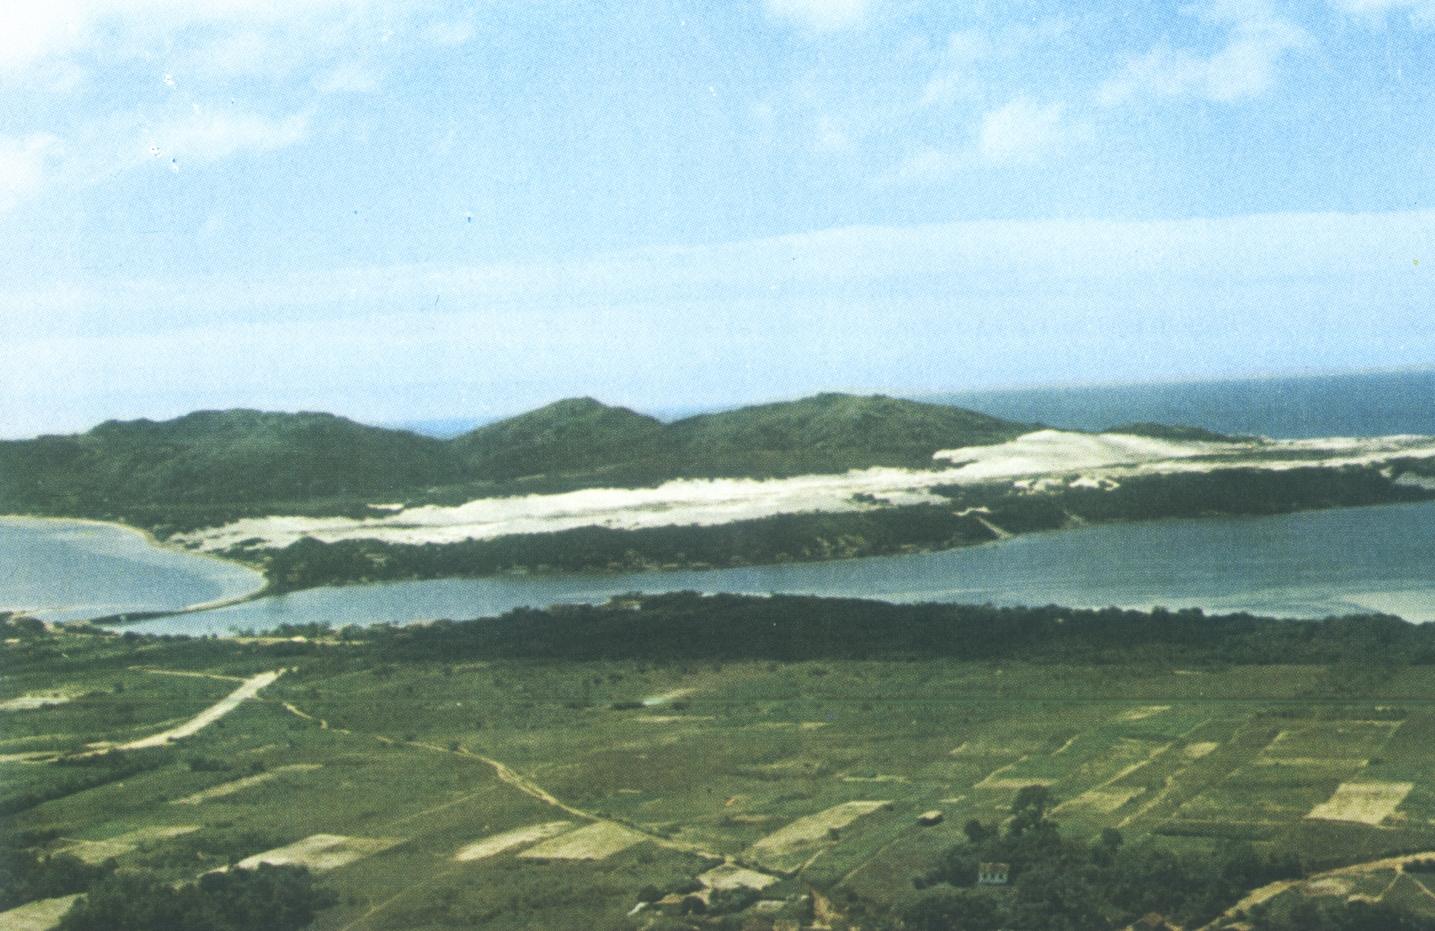 Vista panorâmica registrada em 1969, quando era apenas um paraíso de água, verde e dunas – Foto: Acervo/ Carlos Damião